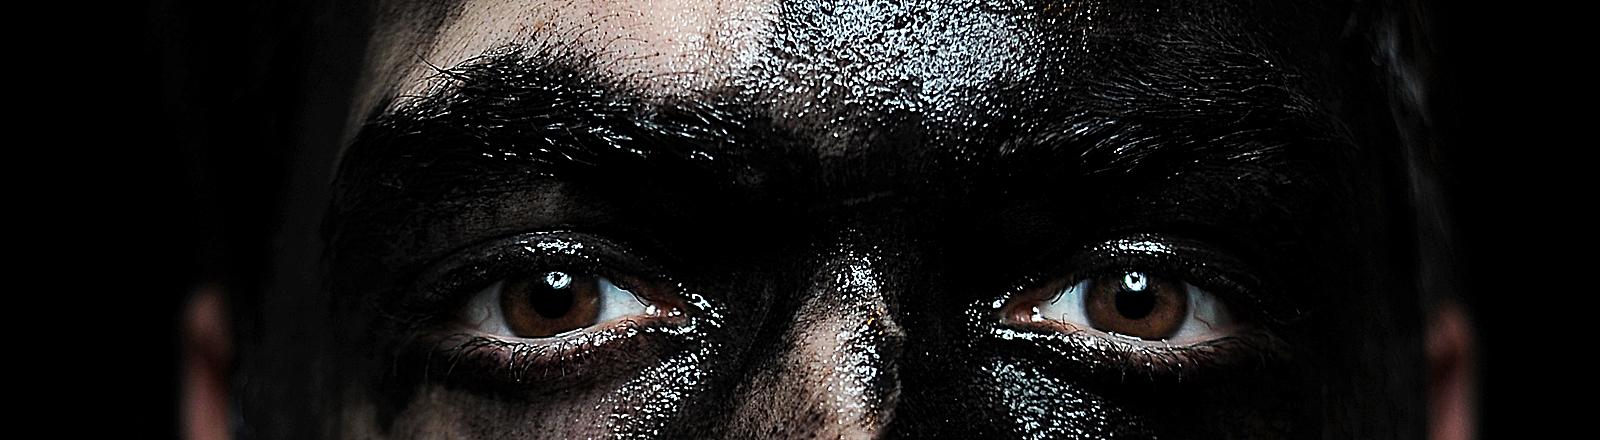 Mann mit verwischter schwarzer Farbe im Gesicht